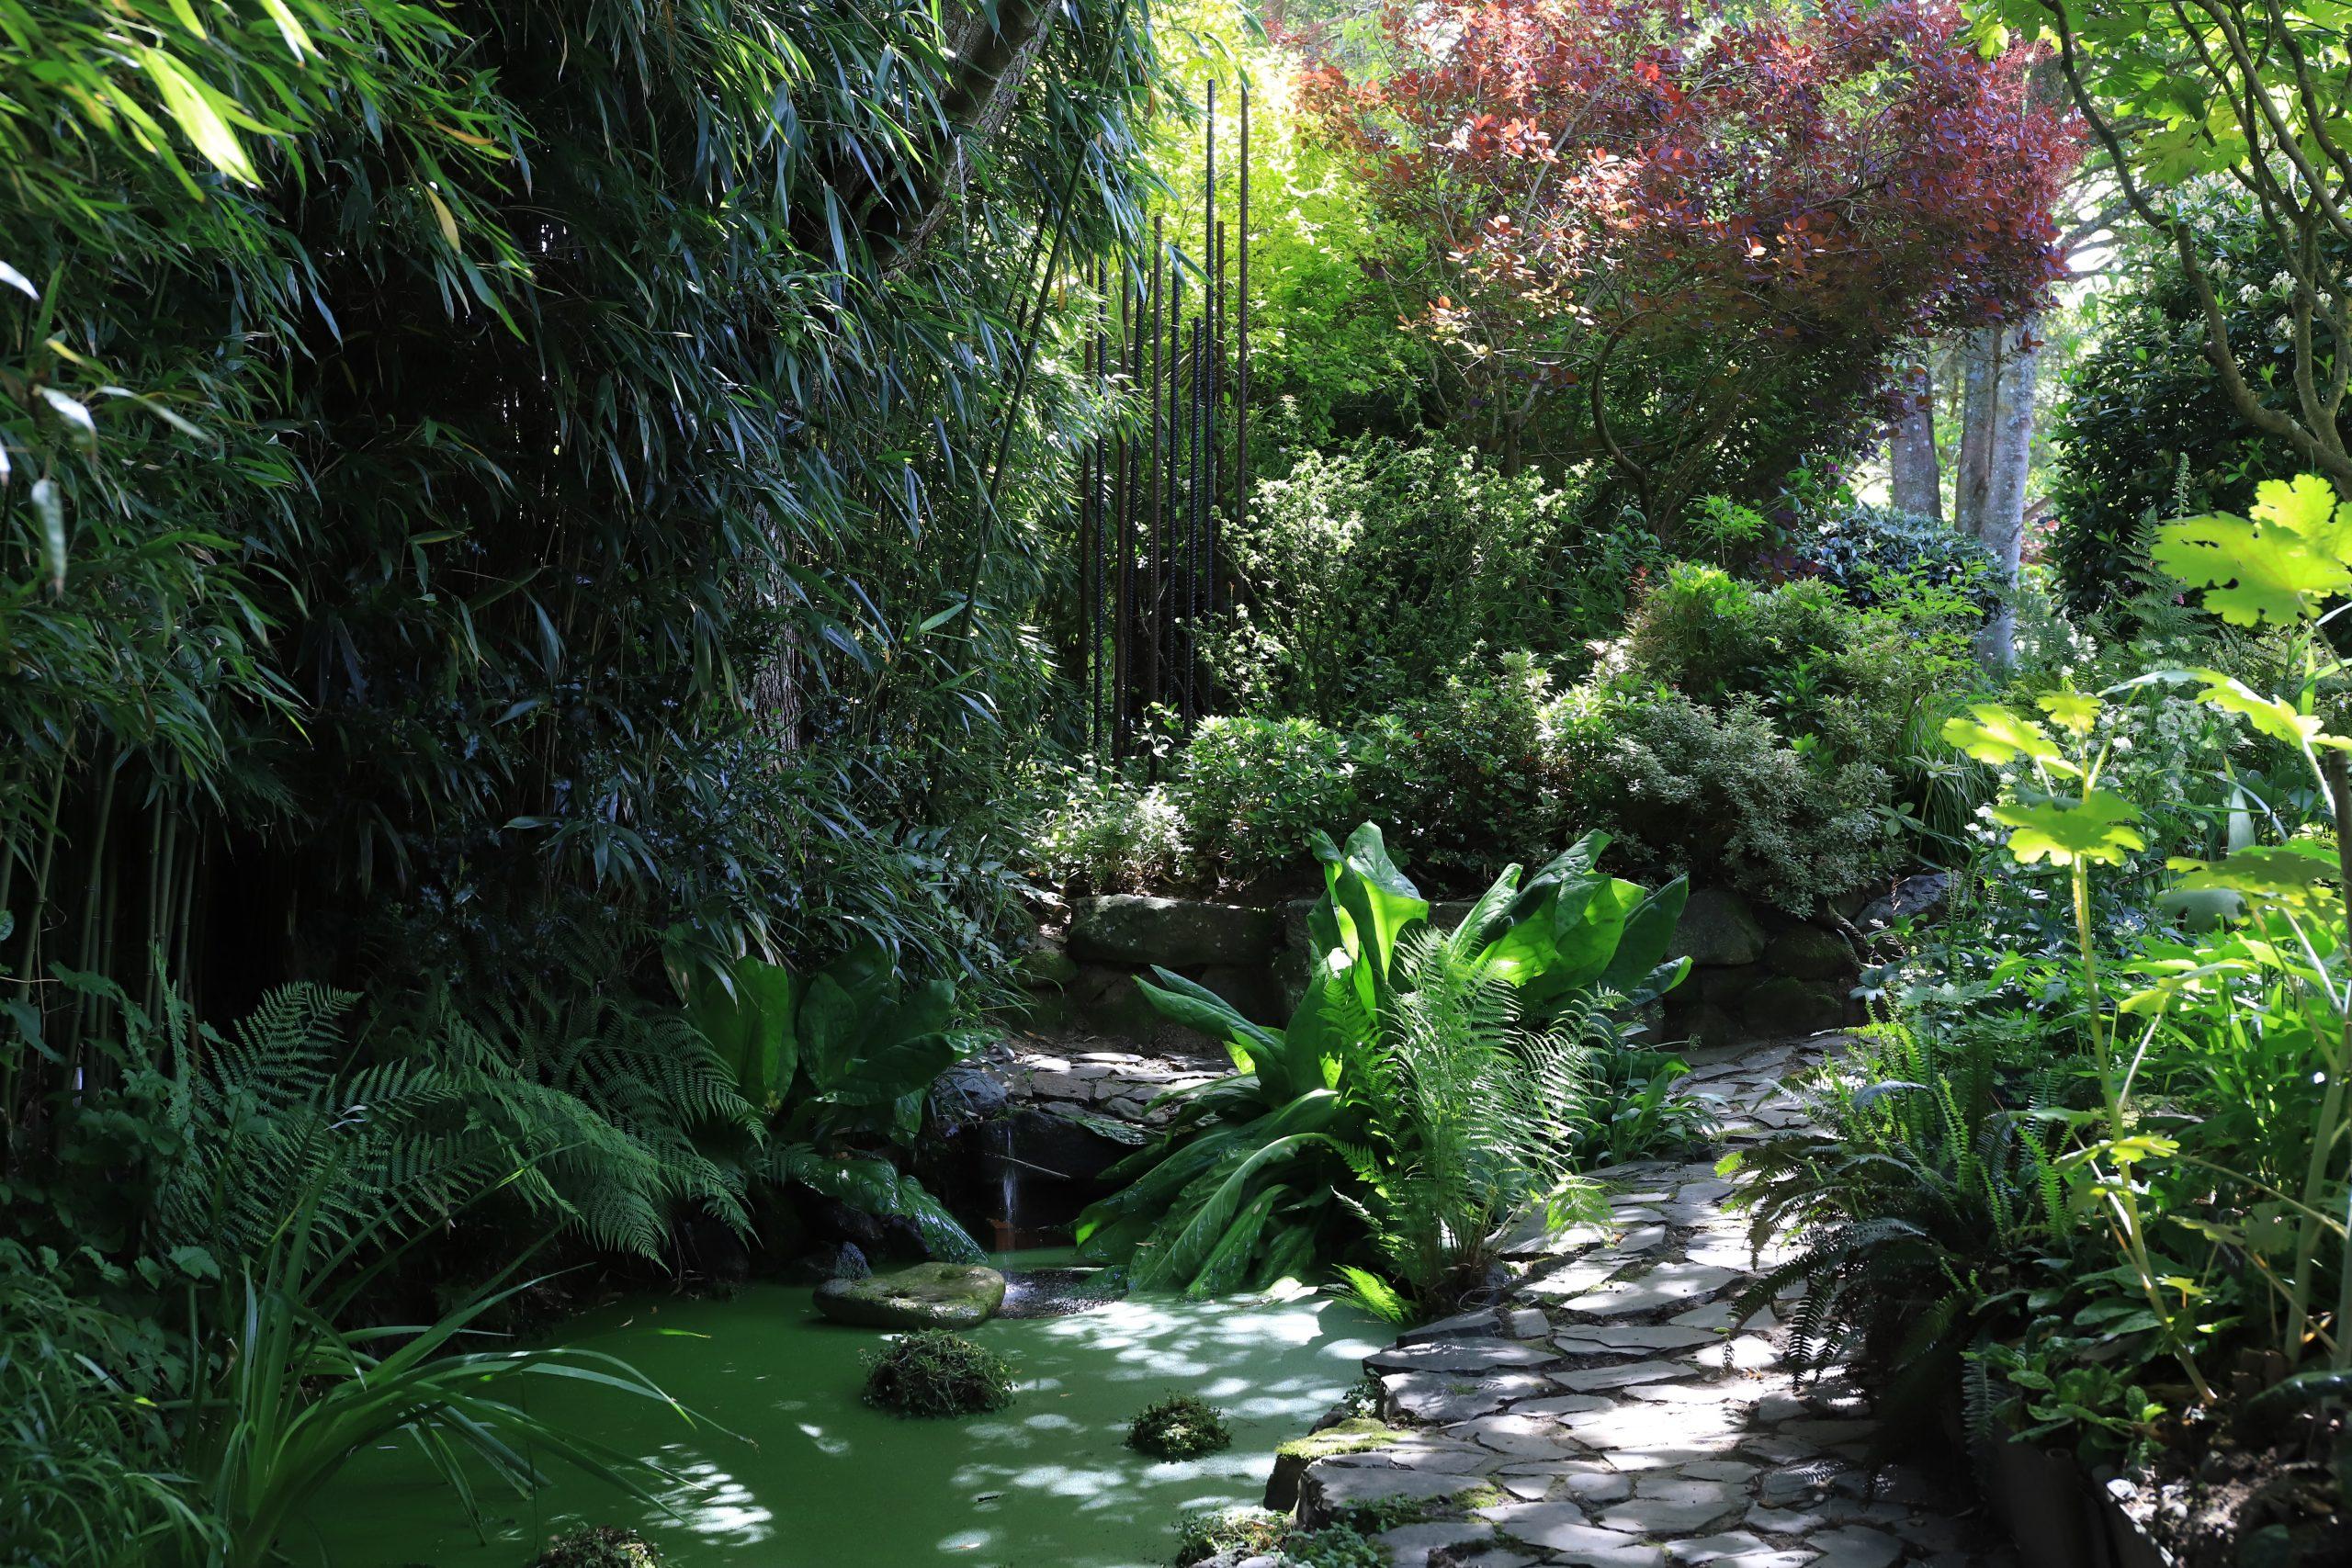 Athis de l'Orne jardin intÇrieur 05 2020∏j.e Rubio-CD61-2020 (76)